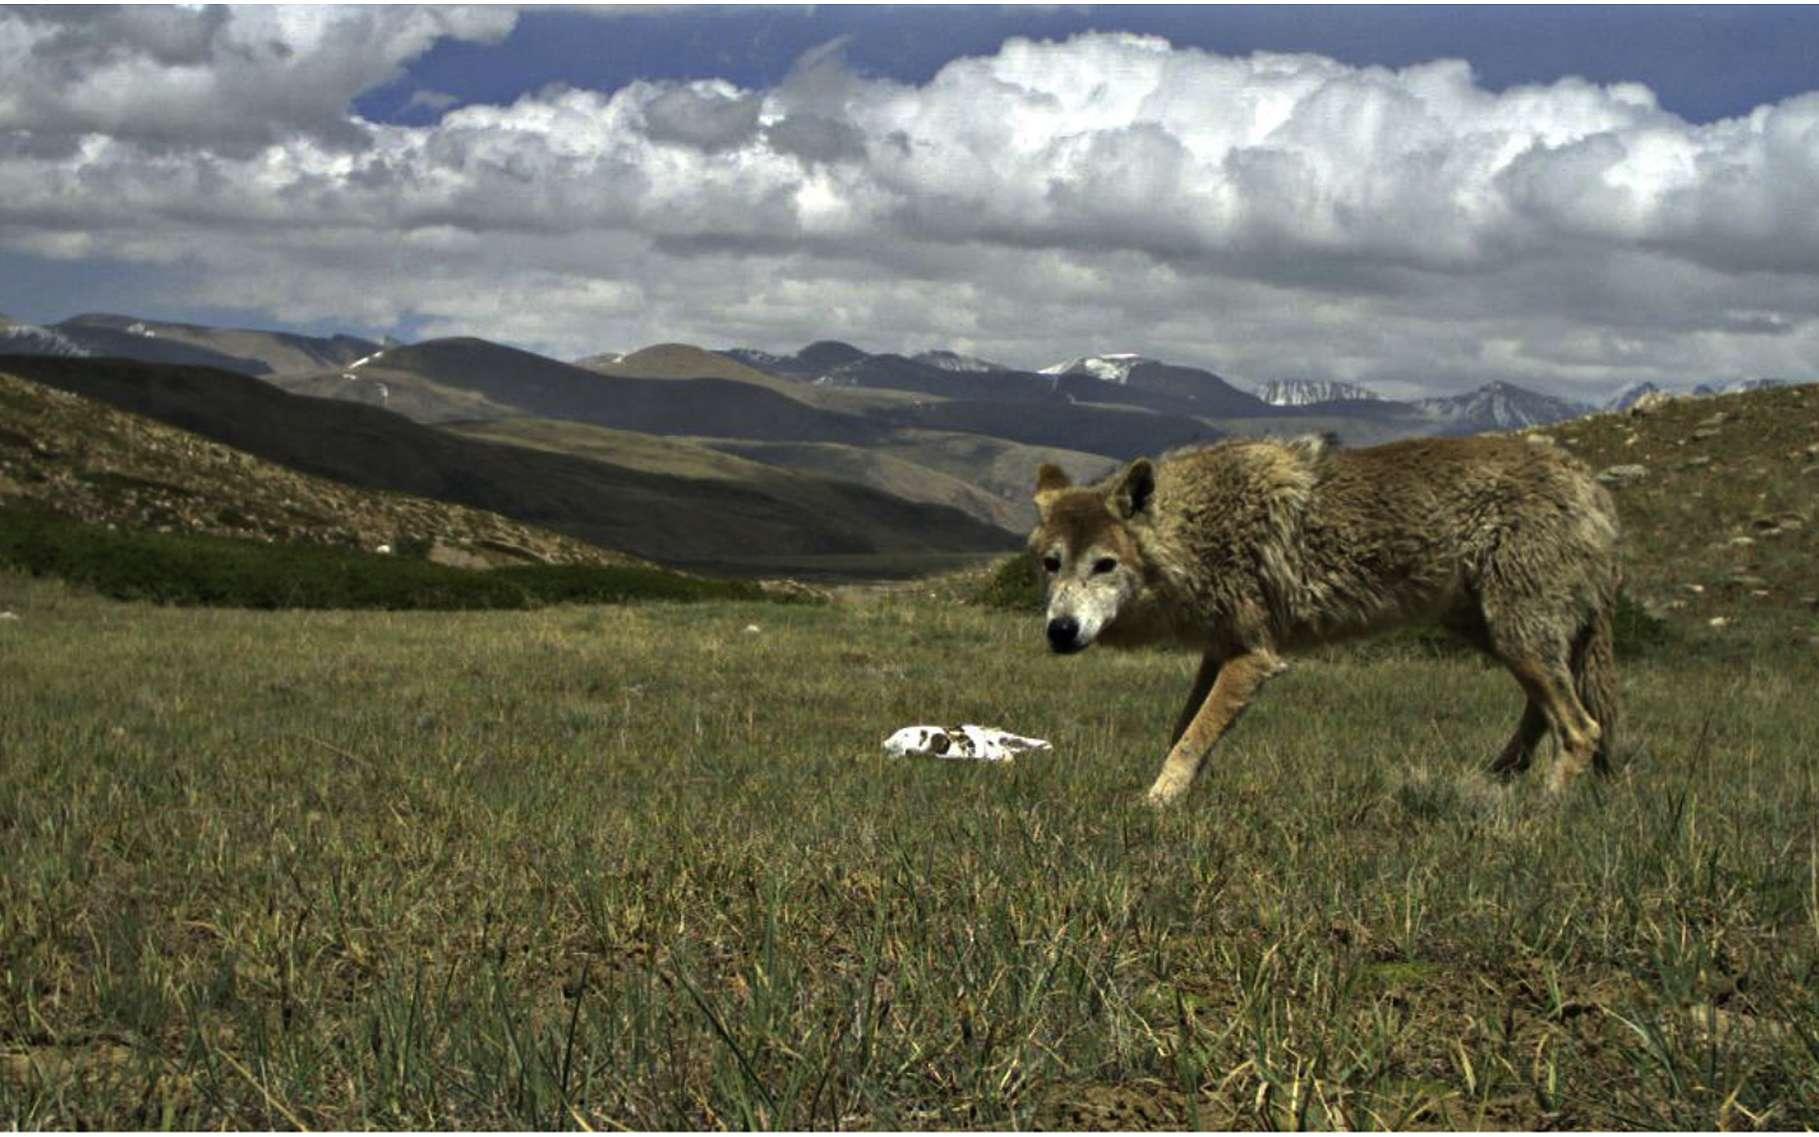 Le loup de l'Himalaya vit sur les haut plateaux du Cachemire, du Népal et du Tibet. © Geraldine Werhahn